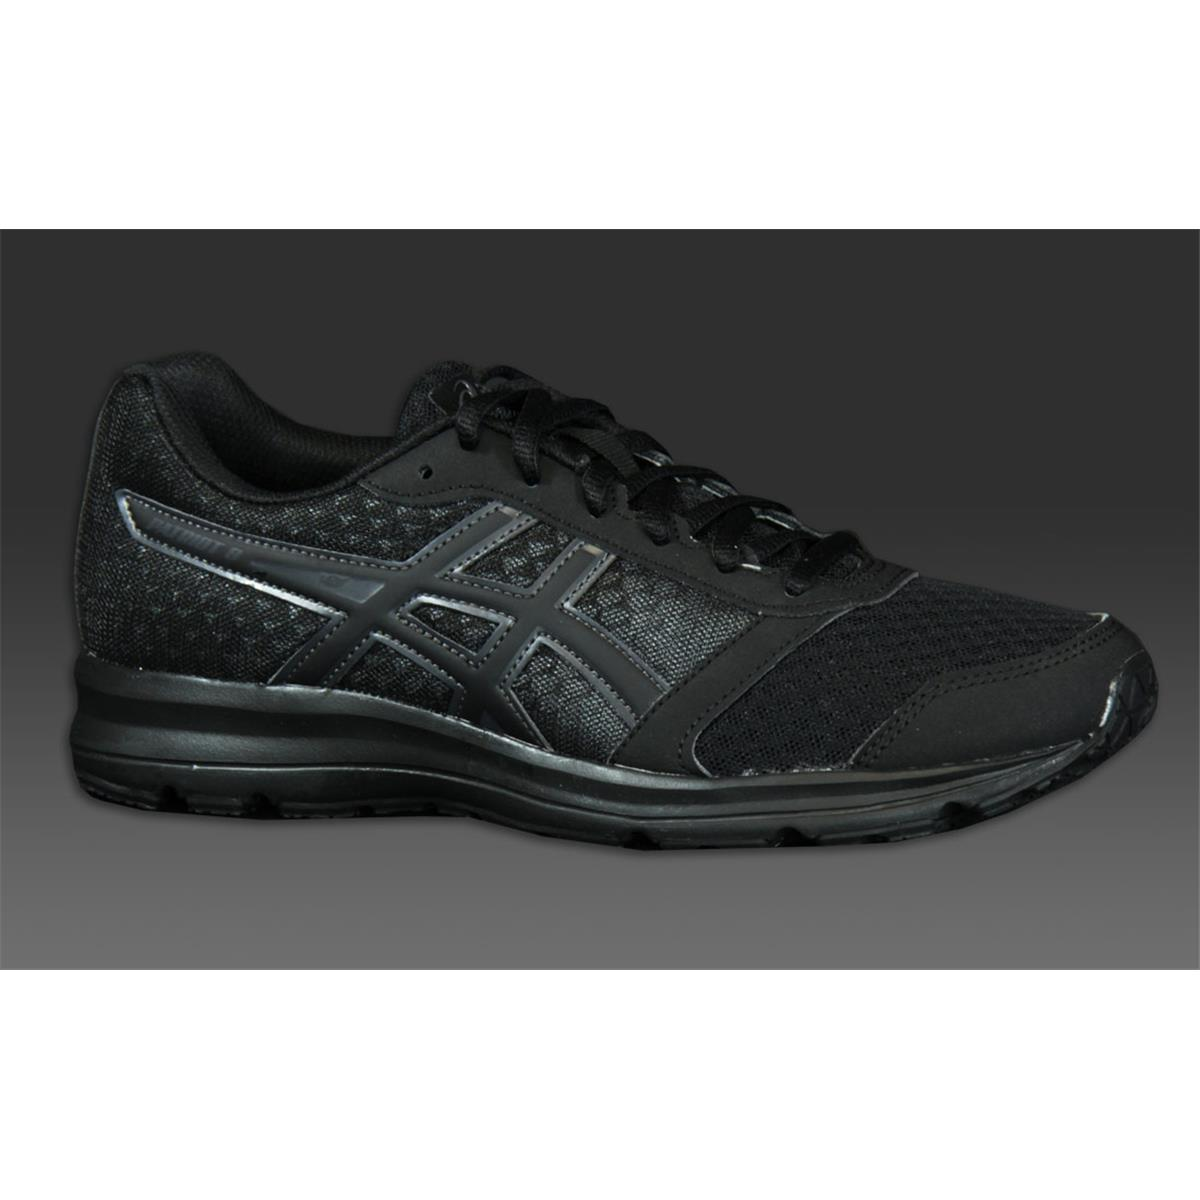 Chaussures de course Asics pour 19959 femme Asics Patriot Patriot 8 | b64de0d - www.sinetronindonesia.site